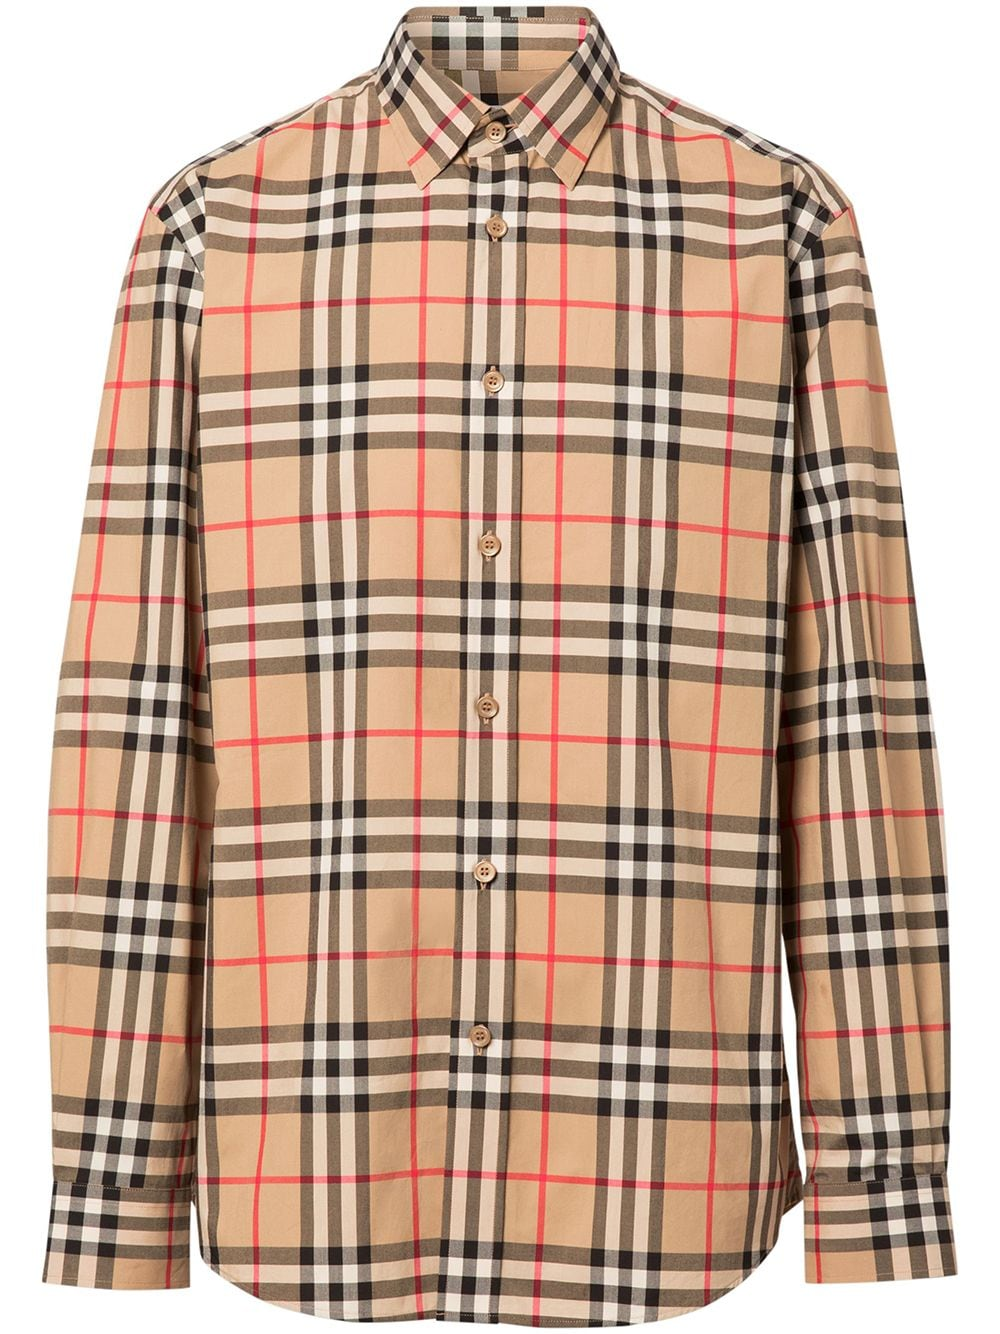 camicia beige Archive Vintage Check in popeline di cotone BURBERRY   Camicie   8020863-CAXTONA7028